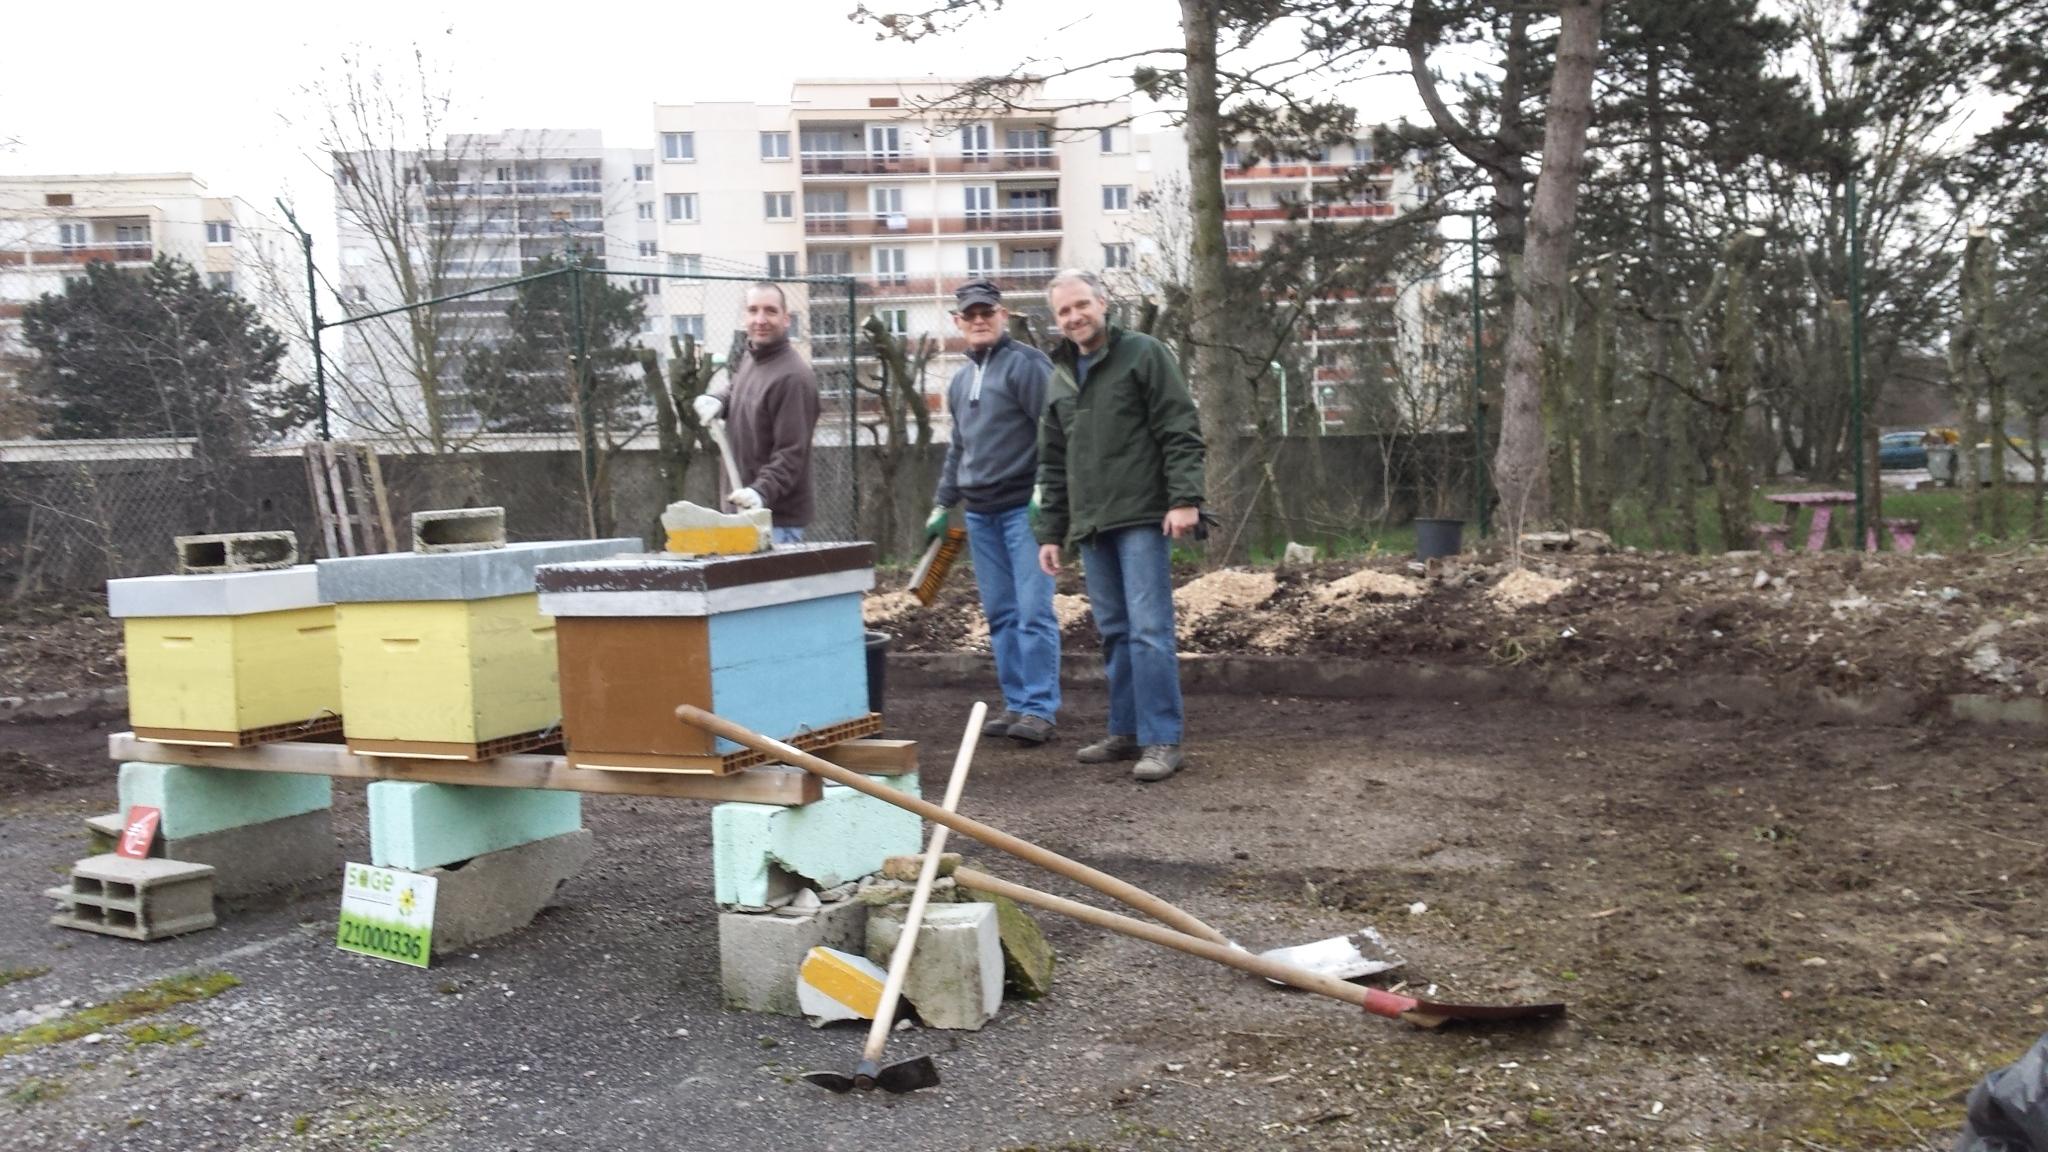 16 01 Nettoyage Du Site Deflandre Des Abeilles En Ville